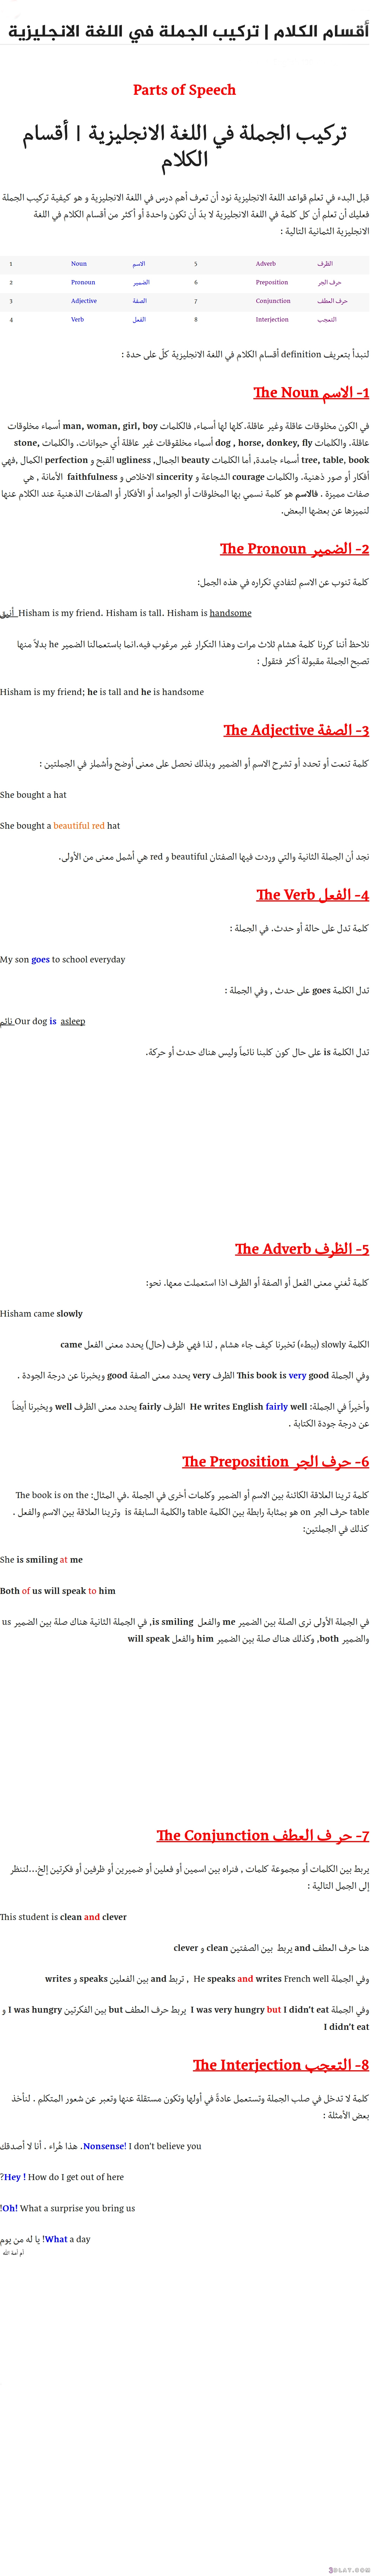 تركيب الجملة اللغة الانجليزية أقسام الكلام 3dlat.com_05_18_558b